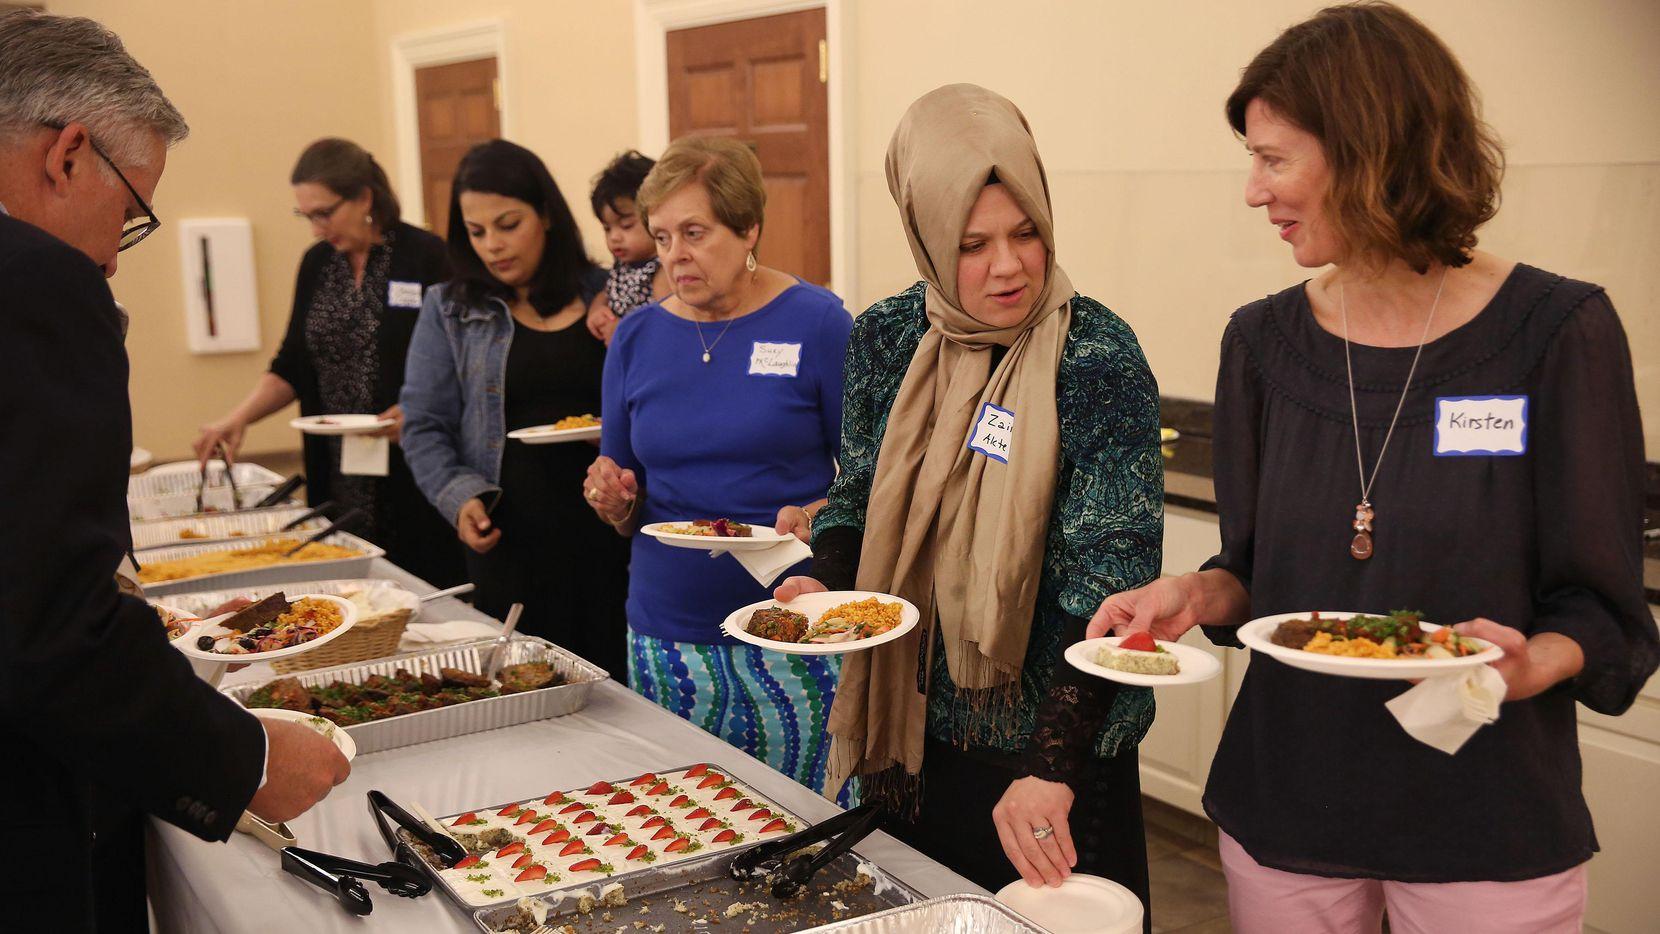 Kirsten Granberry (der.) platica con Zainab Aktepe (segunda desde la der.) durante un encuentro interreligioso ente la iglesia bautista Wilshire y musulmantes del Diologue Institute. (DMN/ANDY JACOBSOHN)